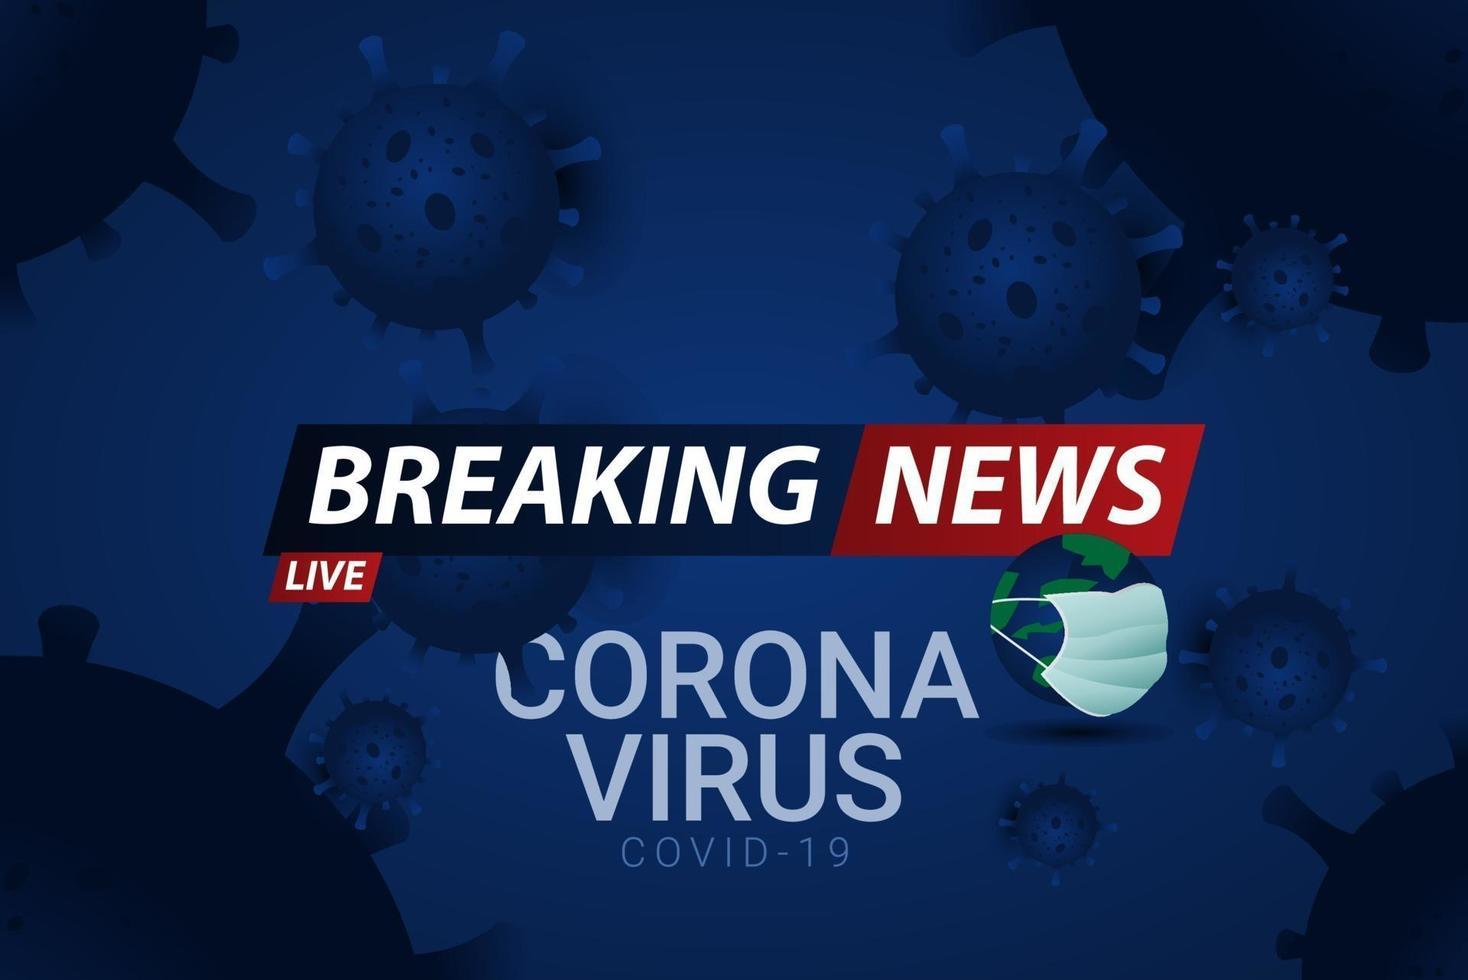 notícias de última hora ao vivo corona vírus covid-19 ilustração de design de modelo vetorial vetor